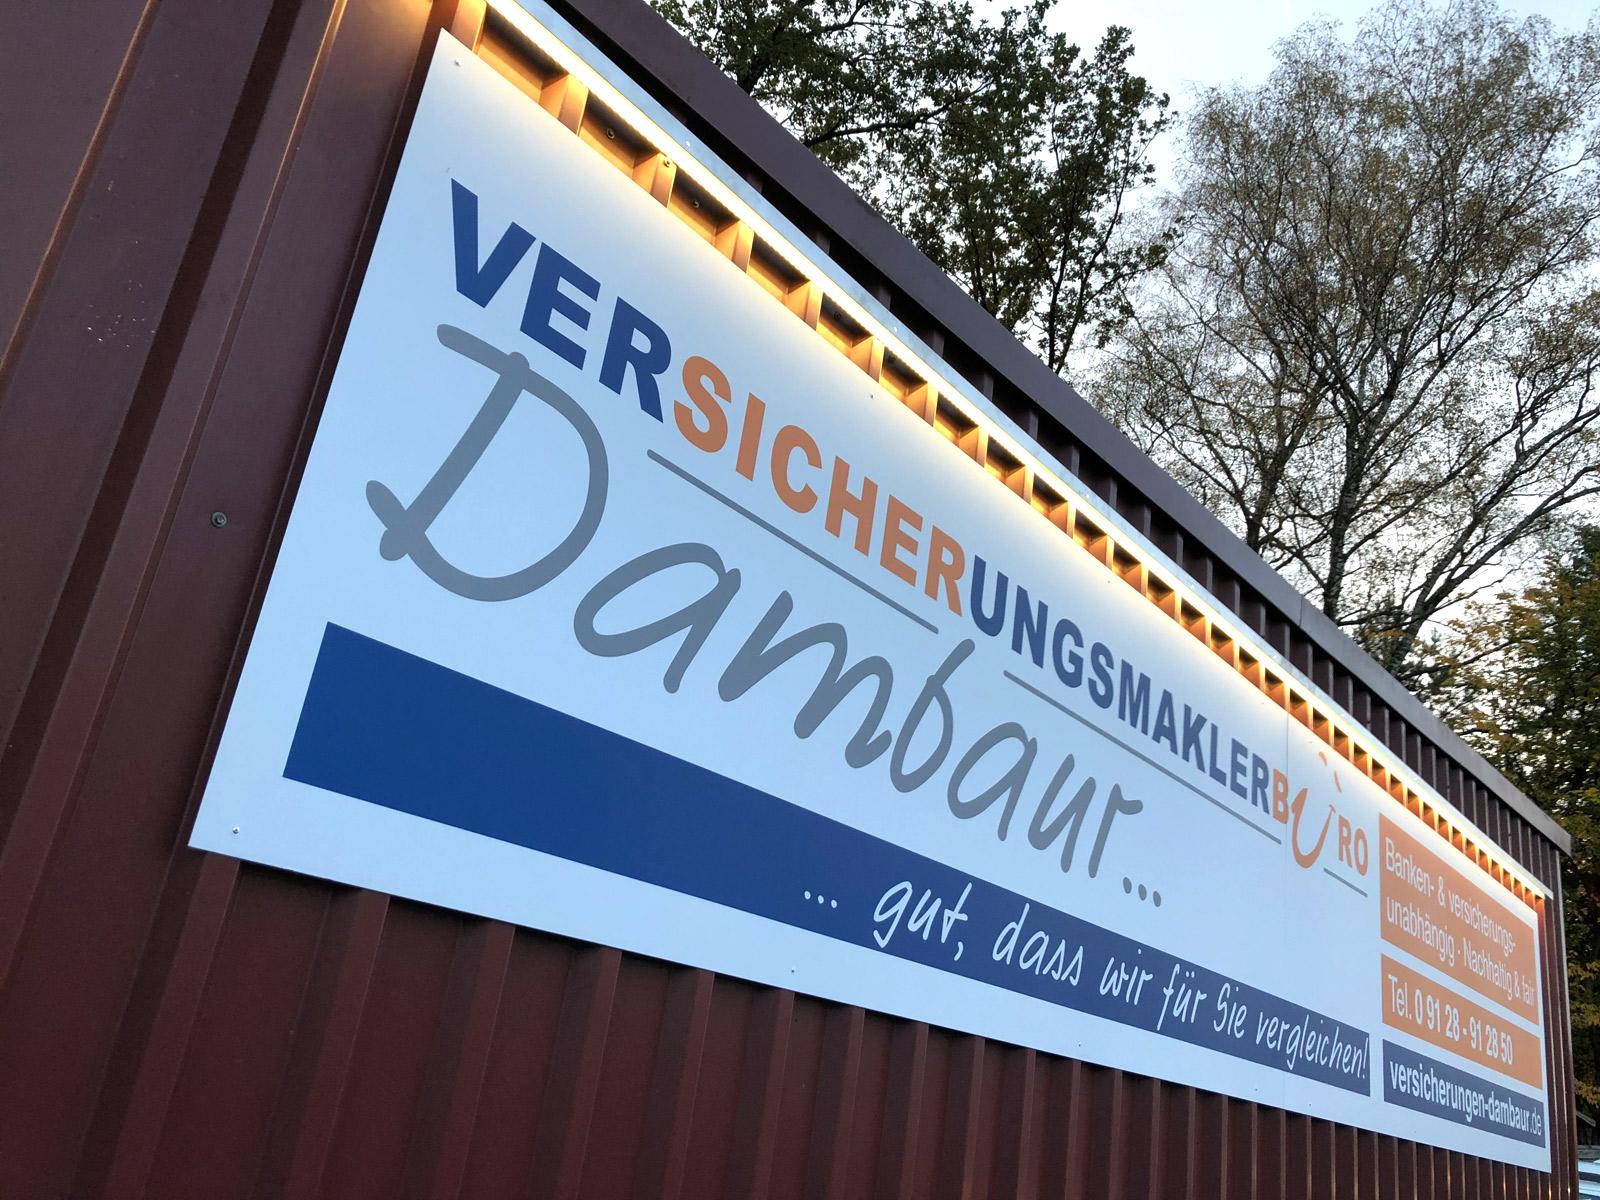 Großes Alu-Dibond Schild an einem Container von der Firma Dambaur